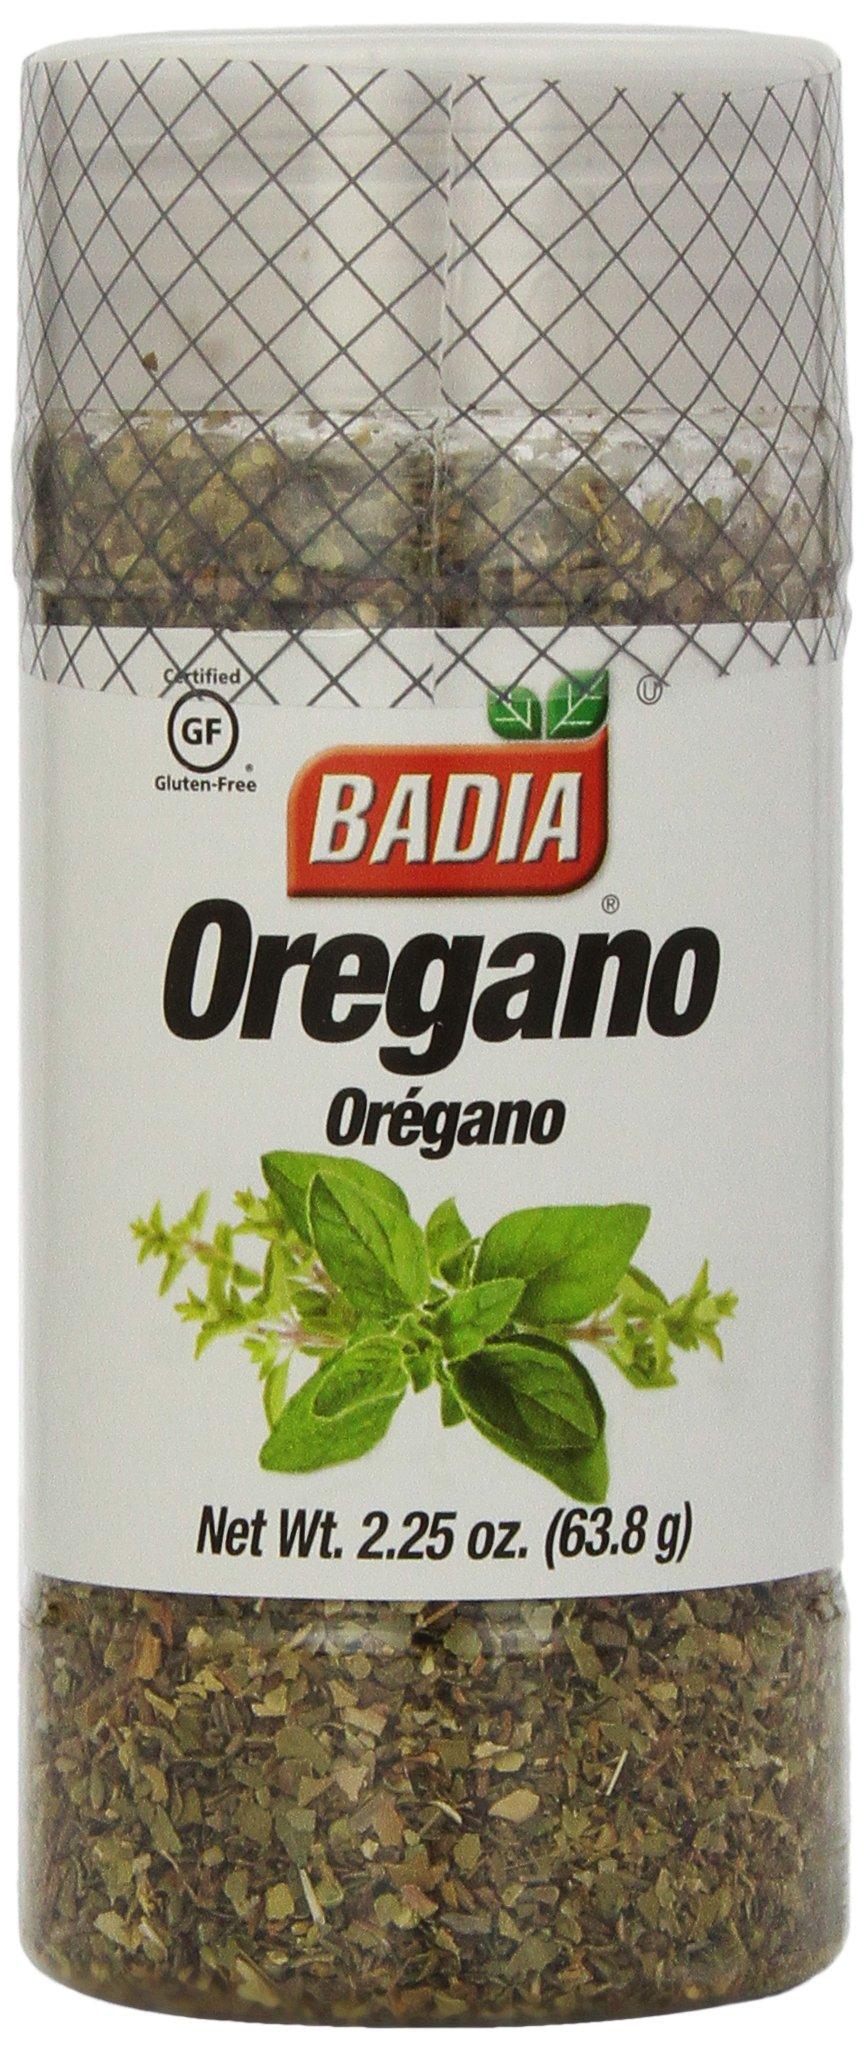 Badia Oregano Whole, 2.25-Ounce (Pack of 12)